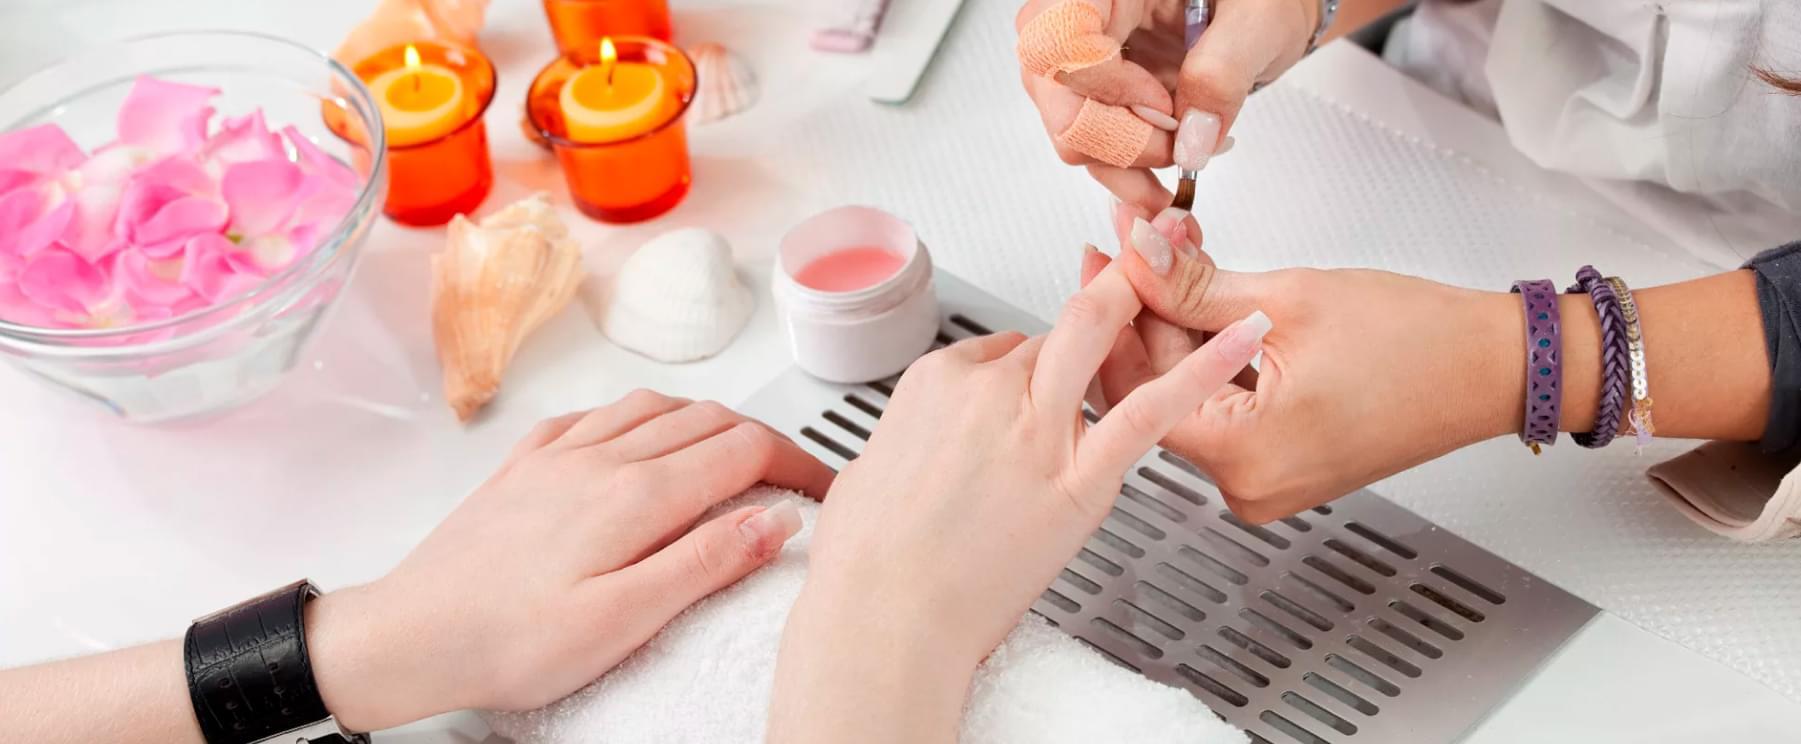 Покрытие ногтей в салоне маникюра Missliise в Москве